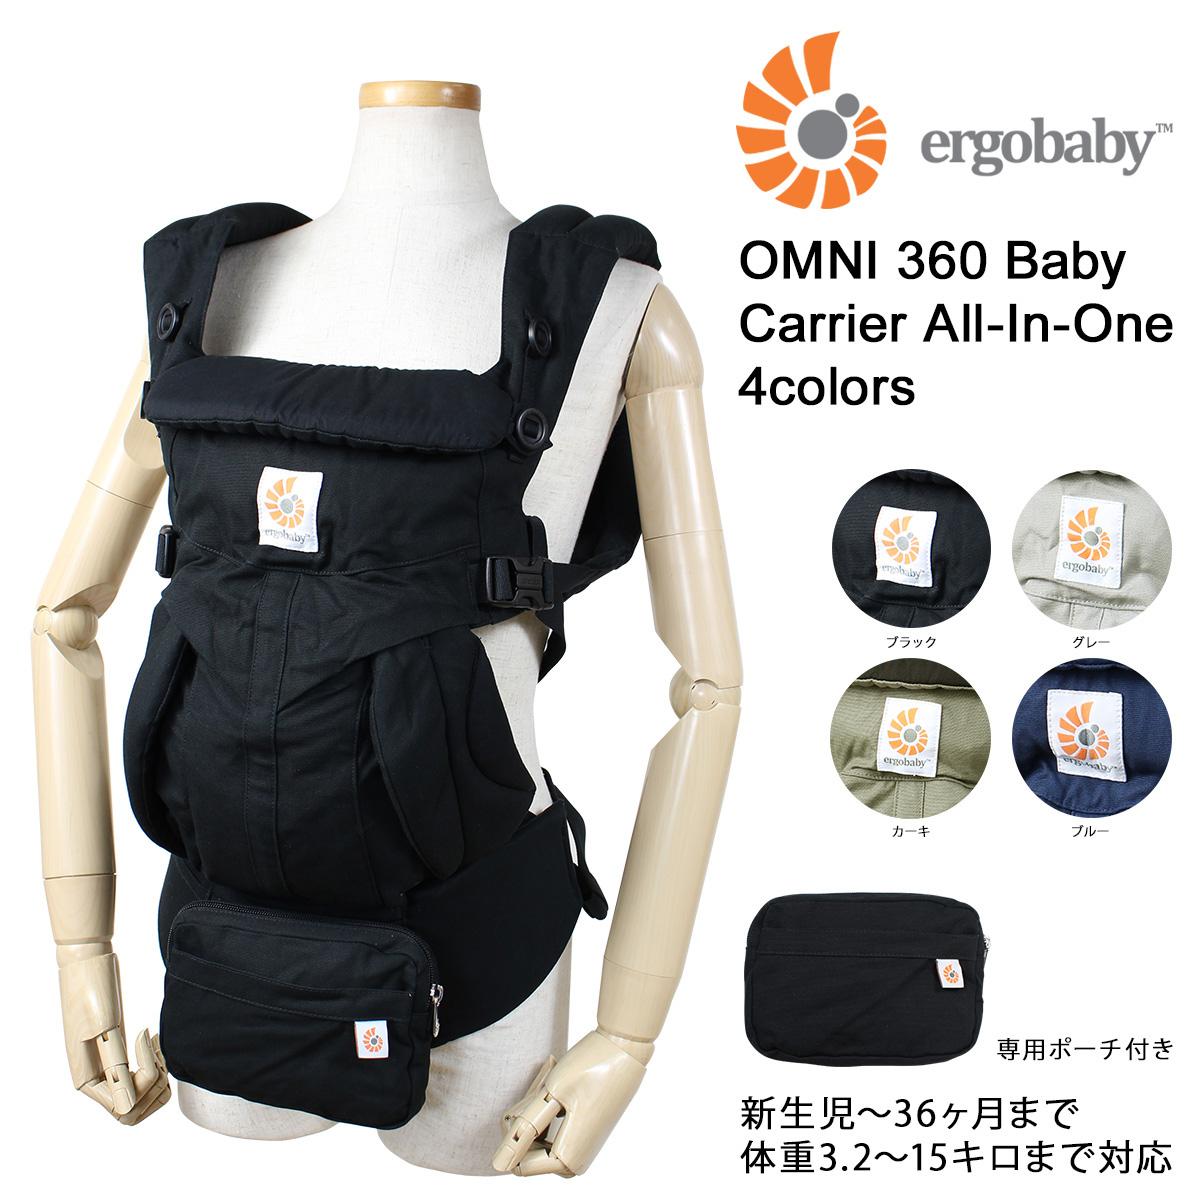 エルゴベビー ERGOBABY エルゴ オムニ360 抱っこ紐 ベビーキャリア 新生児 OMNI 360 BABY CARRIER ALL IN ONE [6/12 追加入荷] 【決算セール 返品不可】